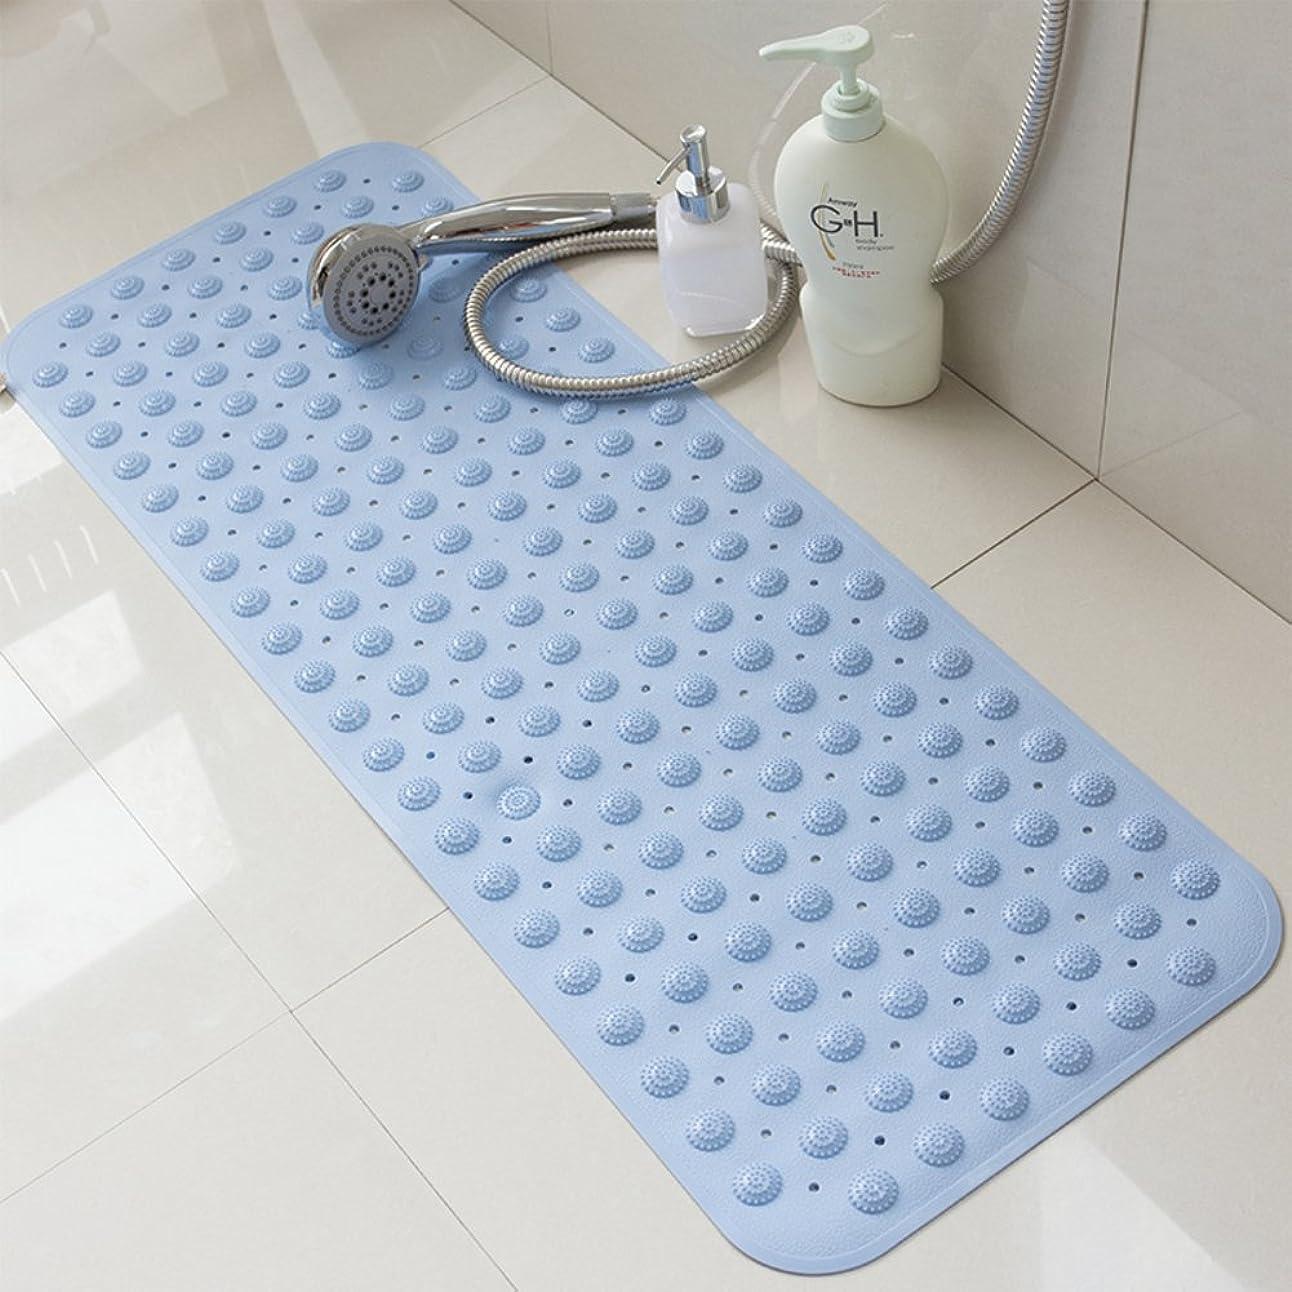 シーサイドクッションハム安全性 抗細菌 滑り止め シャワー マット,洗濯可能 バスマット と サクションカップ-水色 40x100cm(16x39inch)